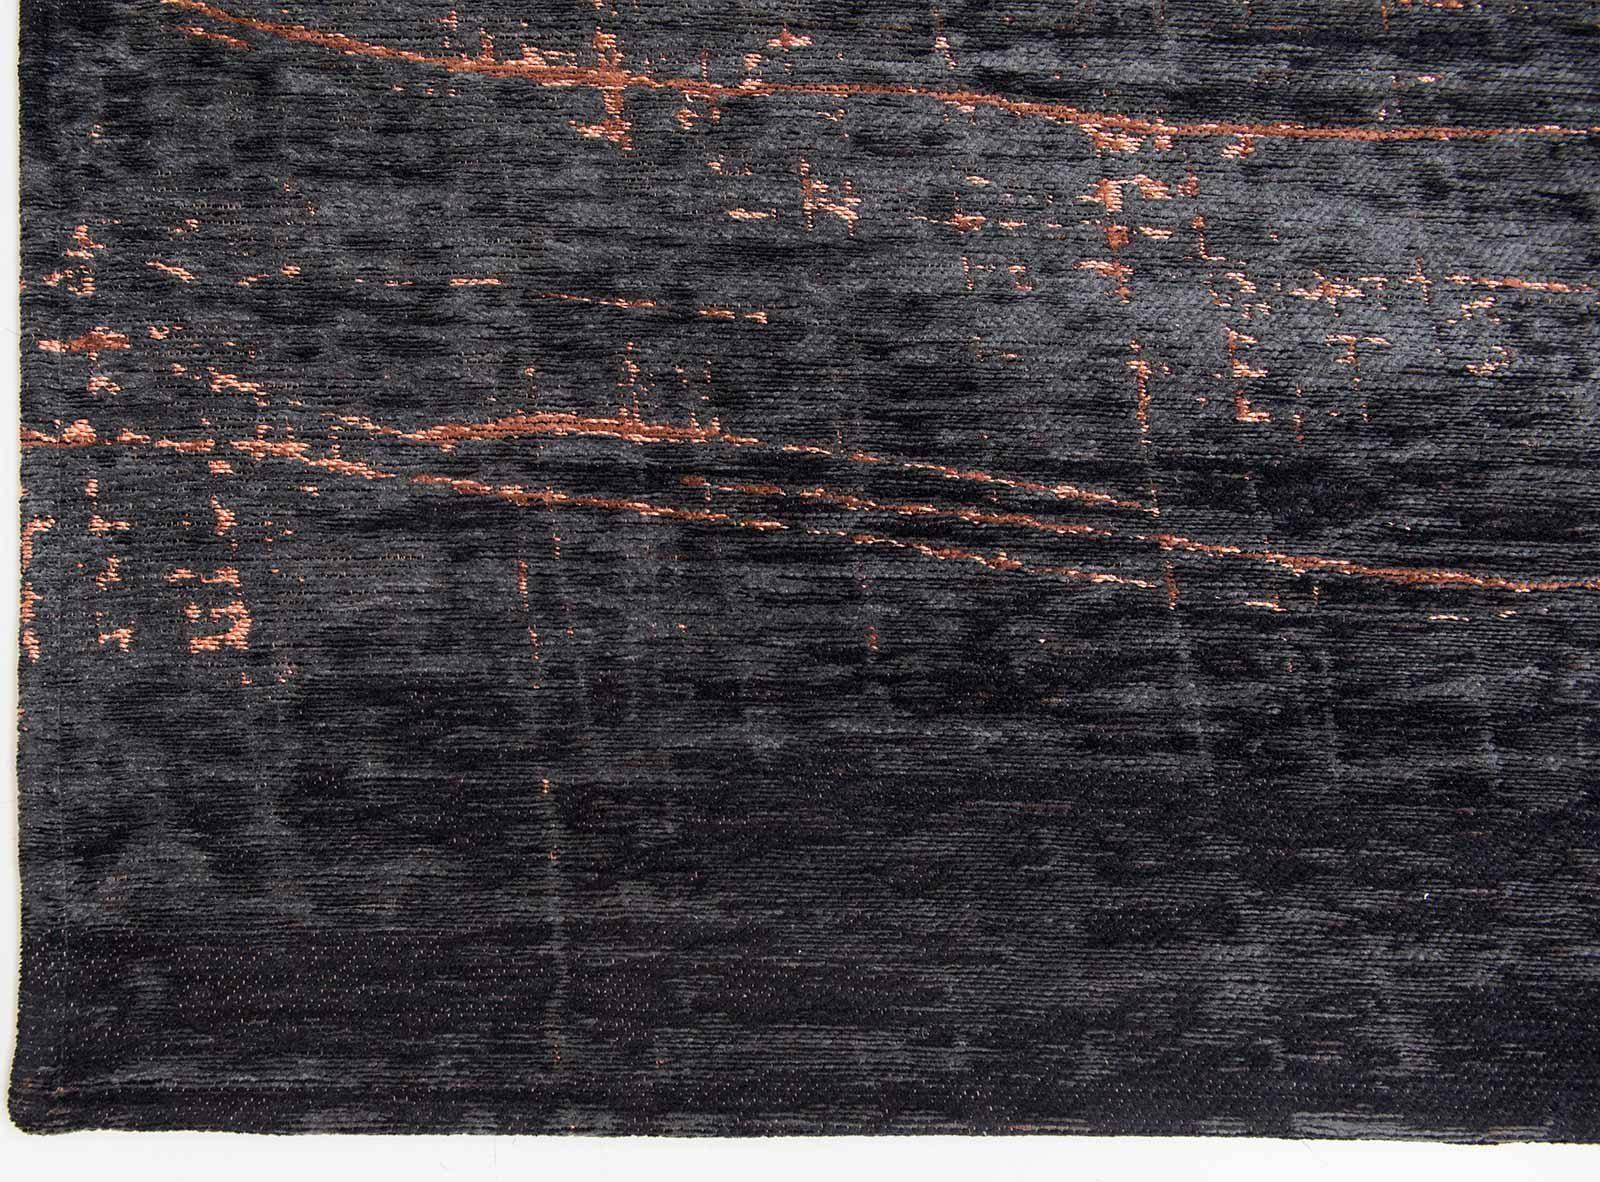 vloerkleed Louis De Poortere LX8925 Mad Men Griff Soho Copper corner